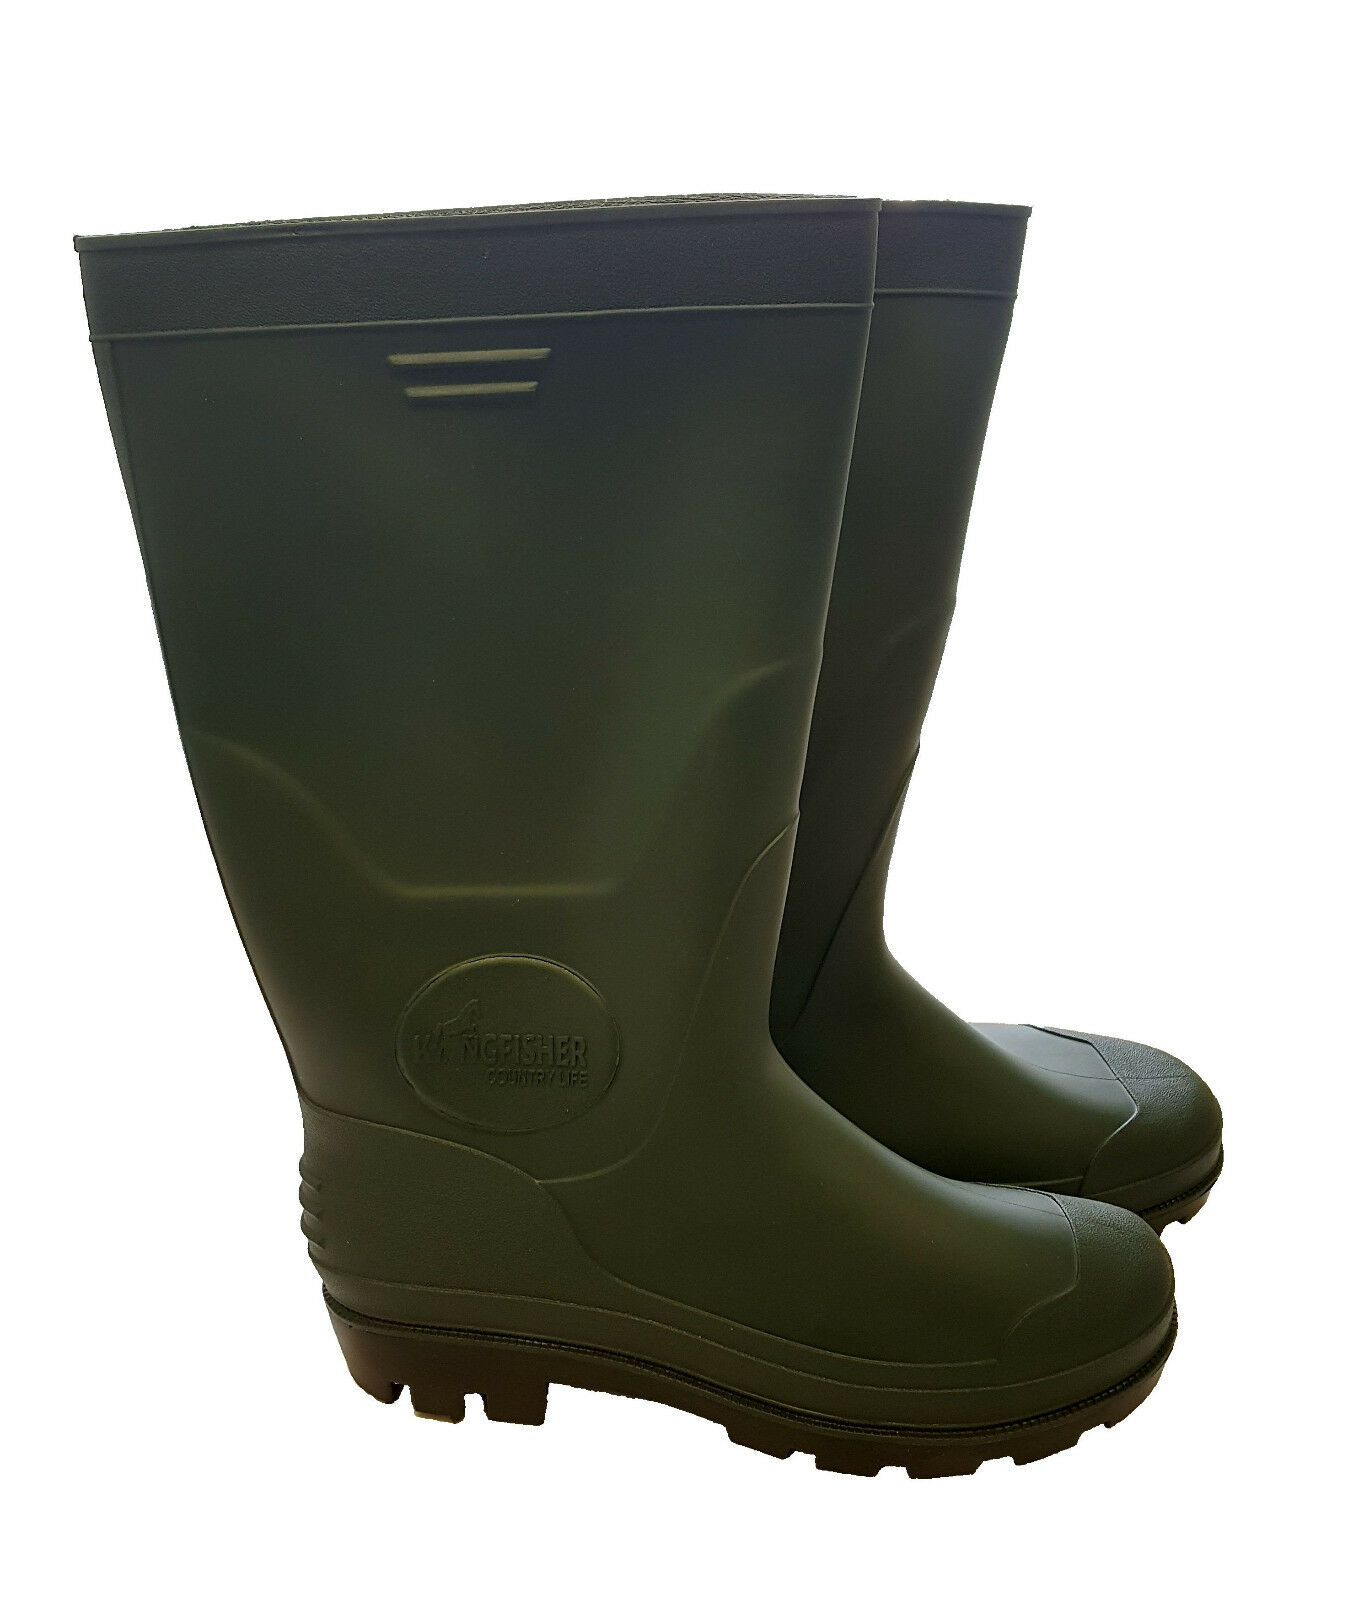 Mens Ladies Boys wellington boots wellies rubber shoes size 5-11 garden,snow